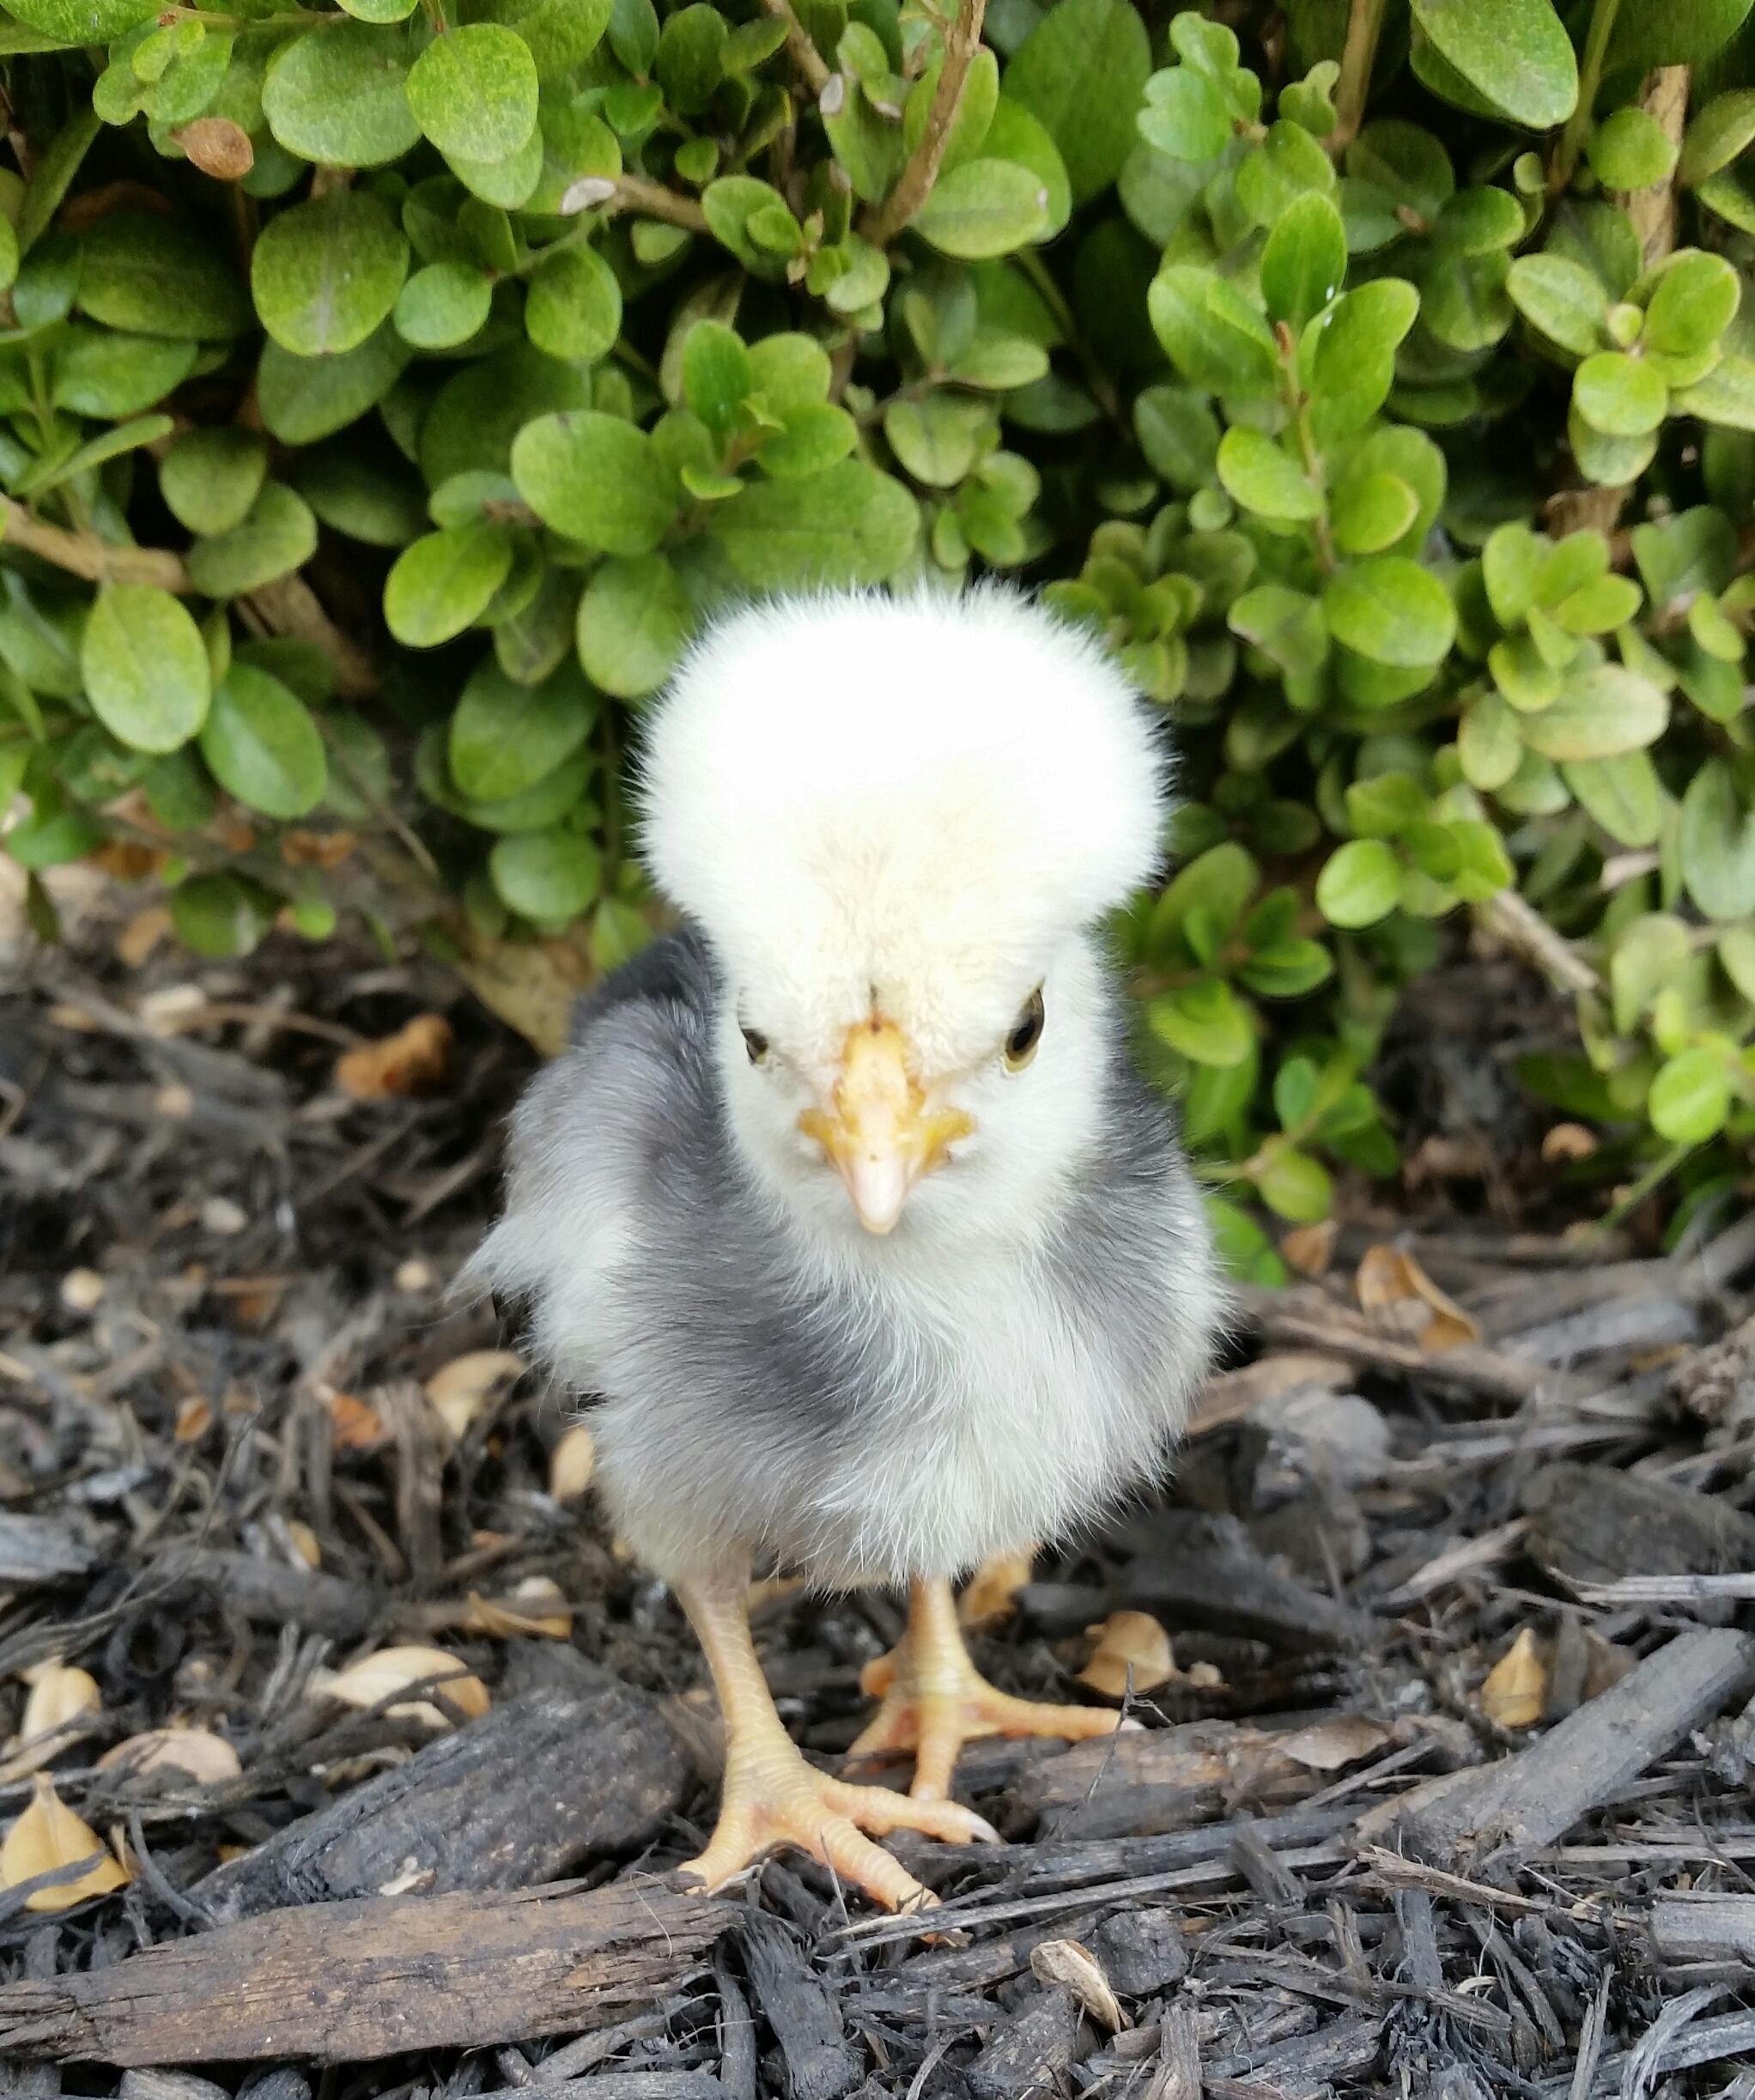 raising baby chicks community